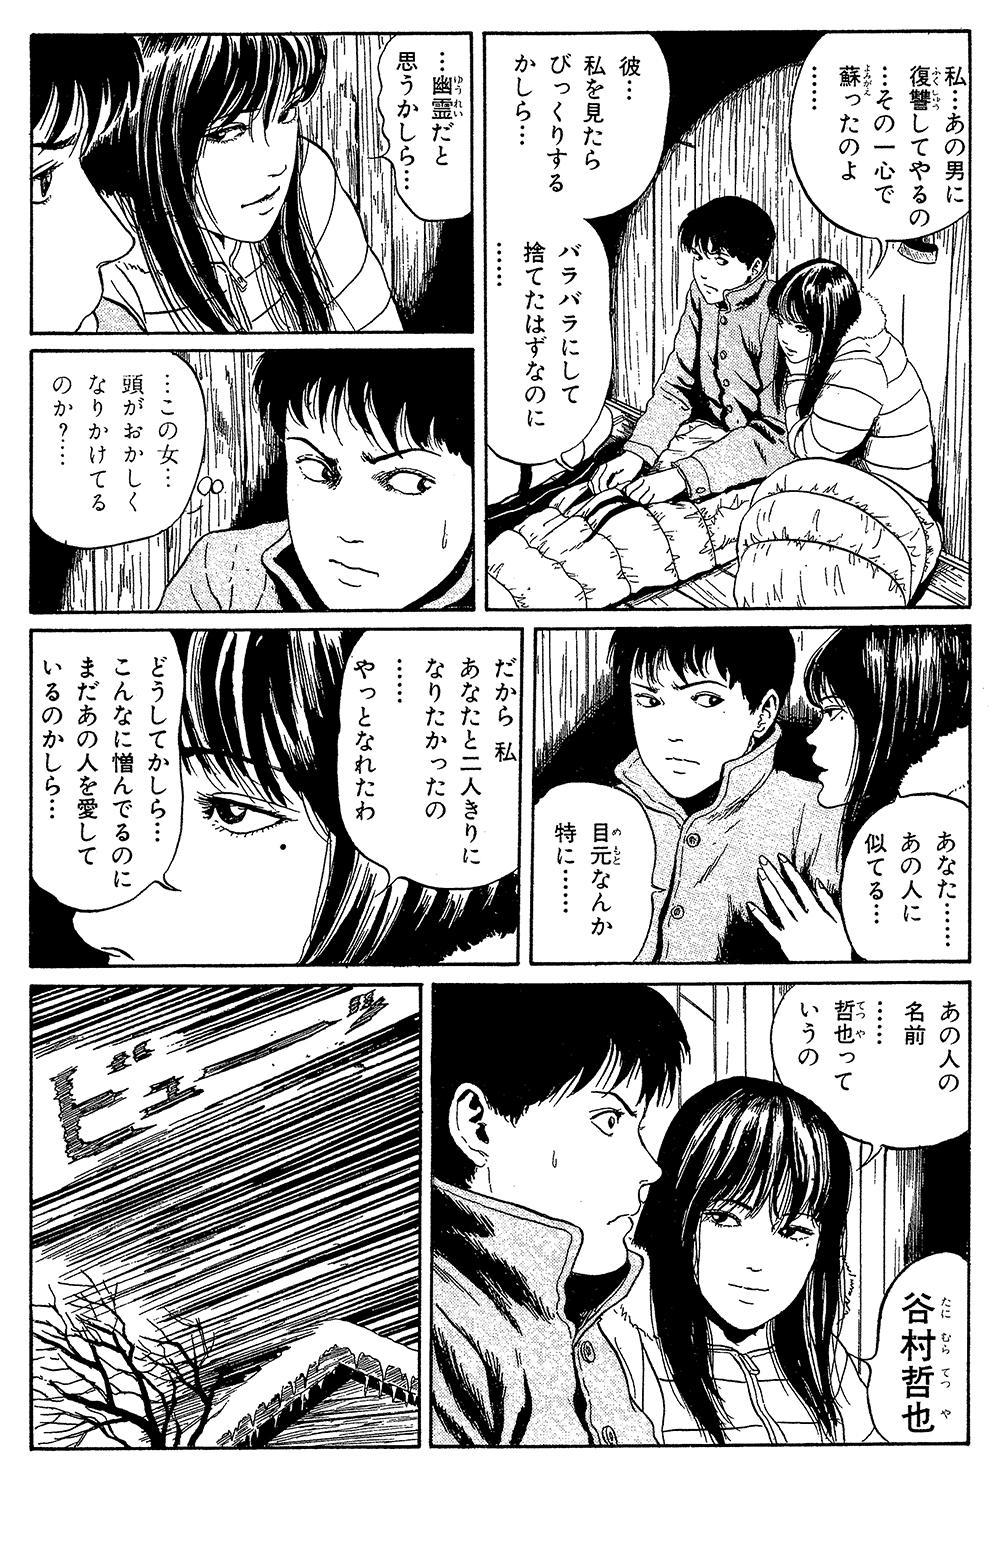 伊藤潤二傑作集 第7話「富江・復讐」2itouj24-0300.jpg